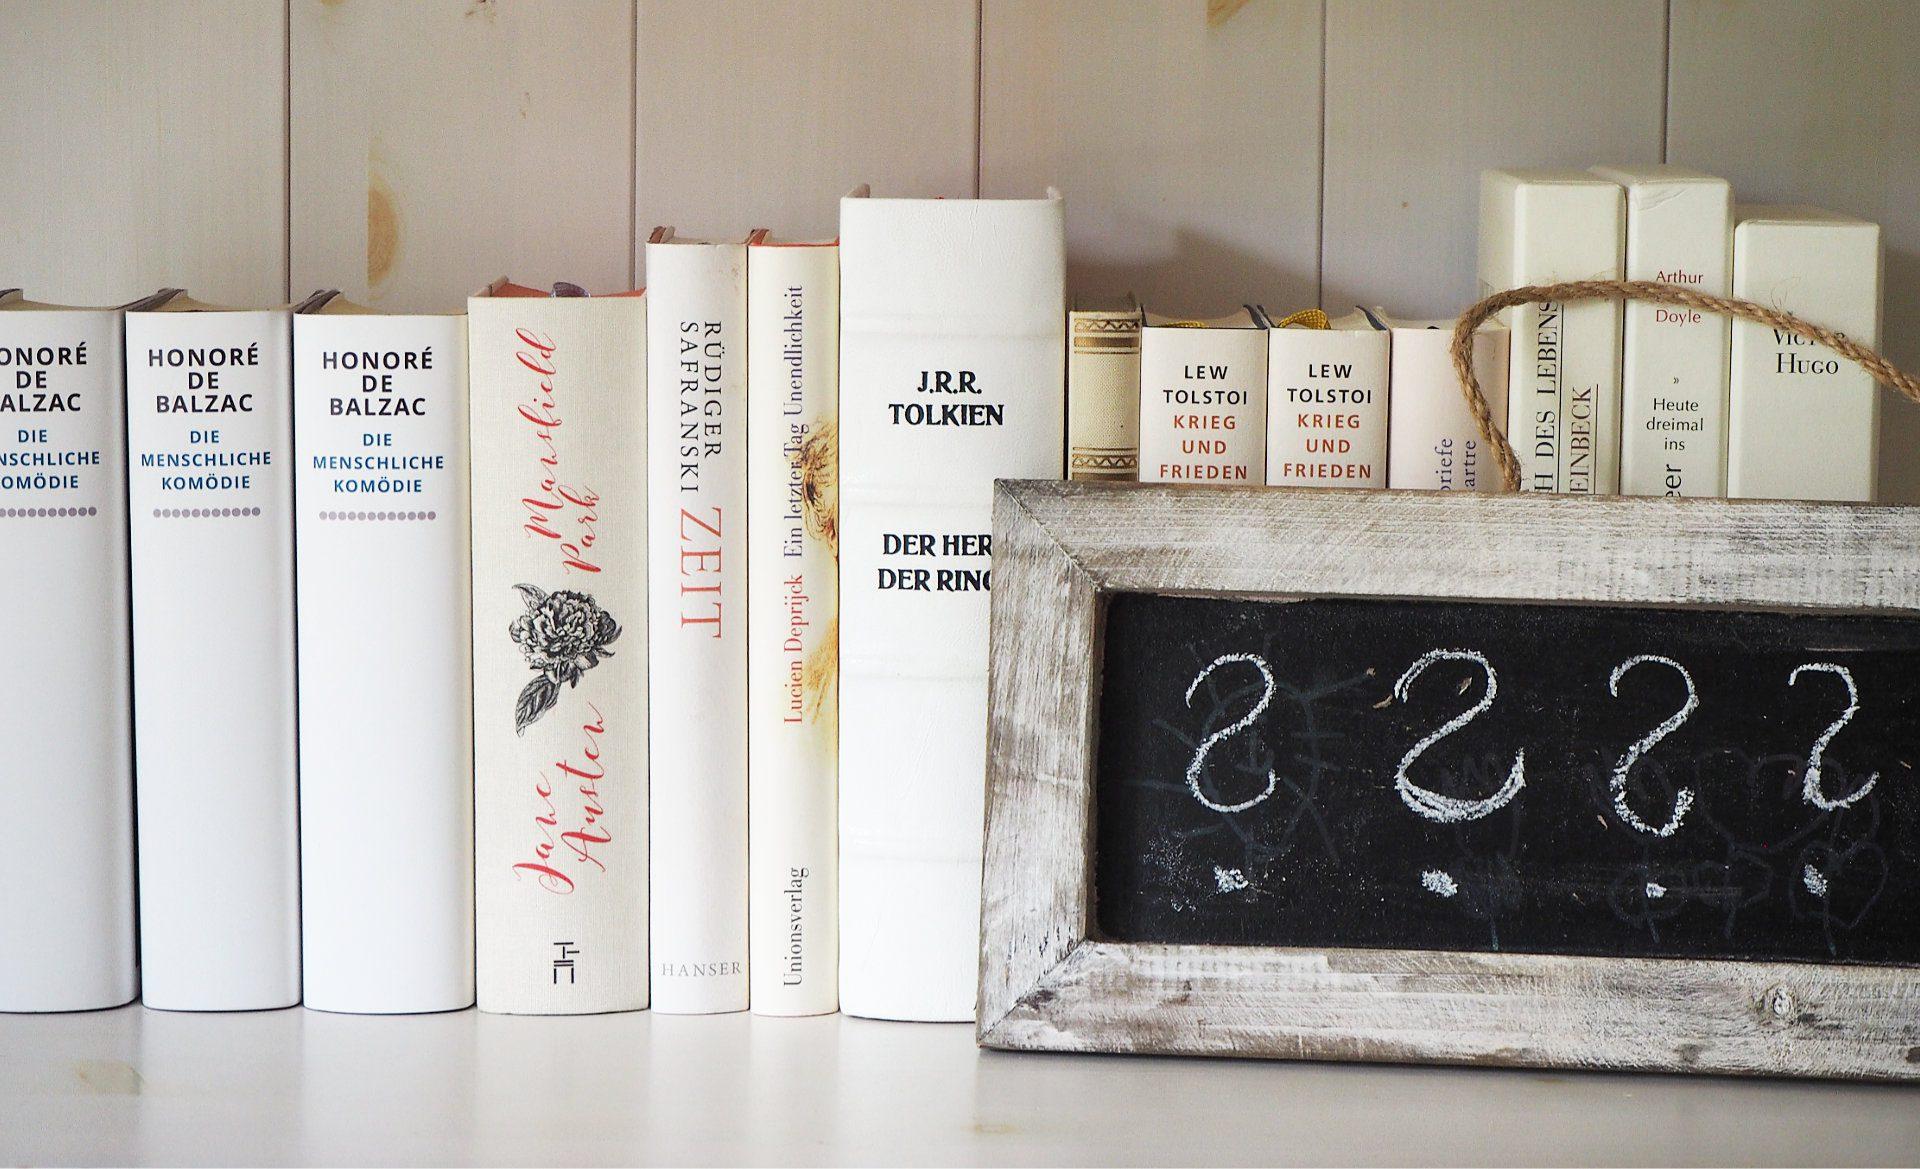 Wie ist das mit deinem Bücherregal?